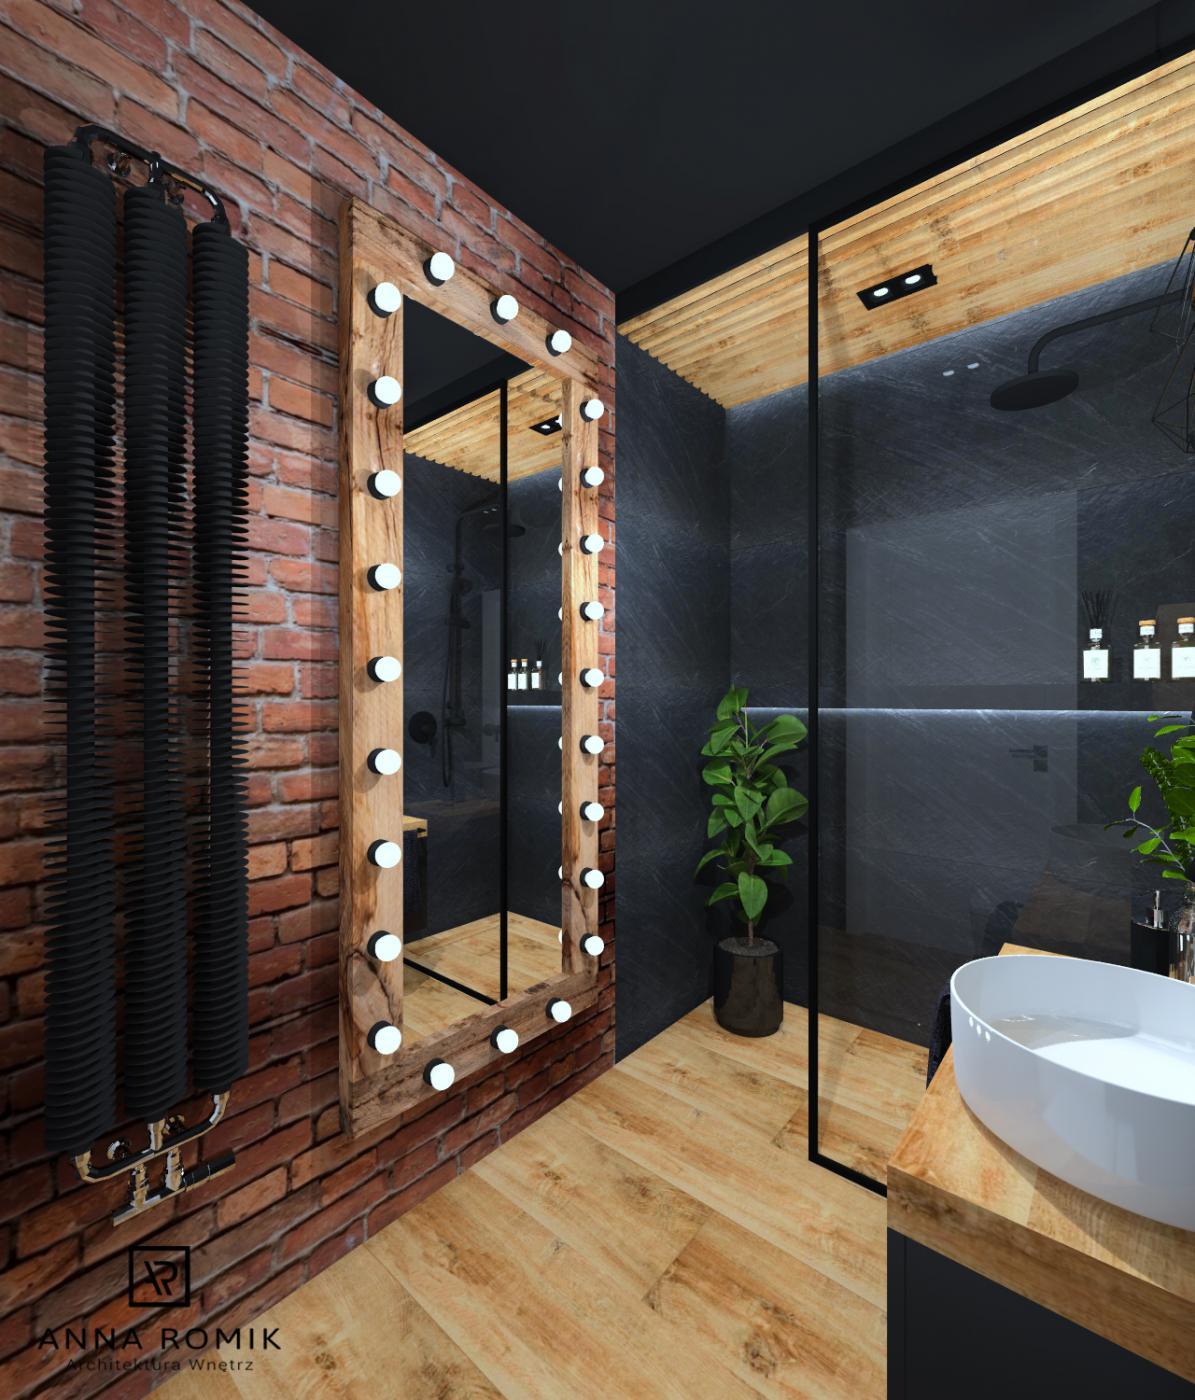 łazienka Warszawa 5m2